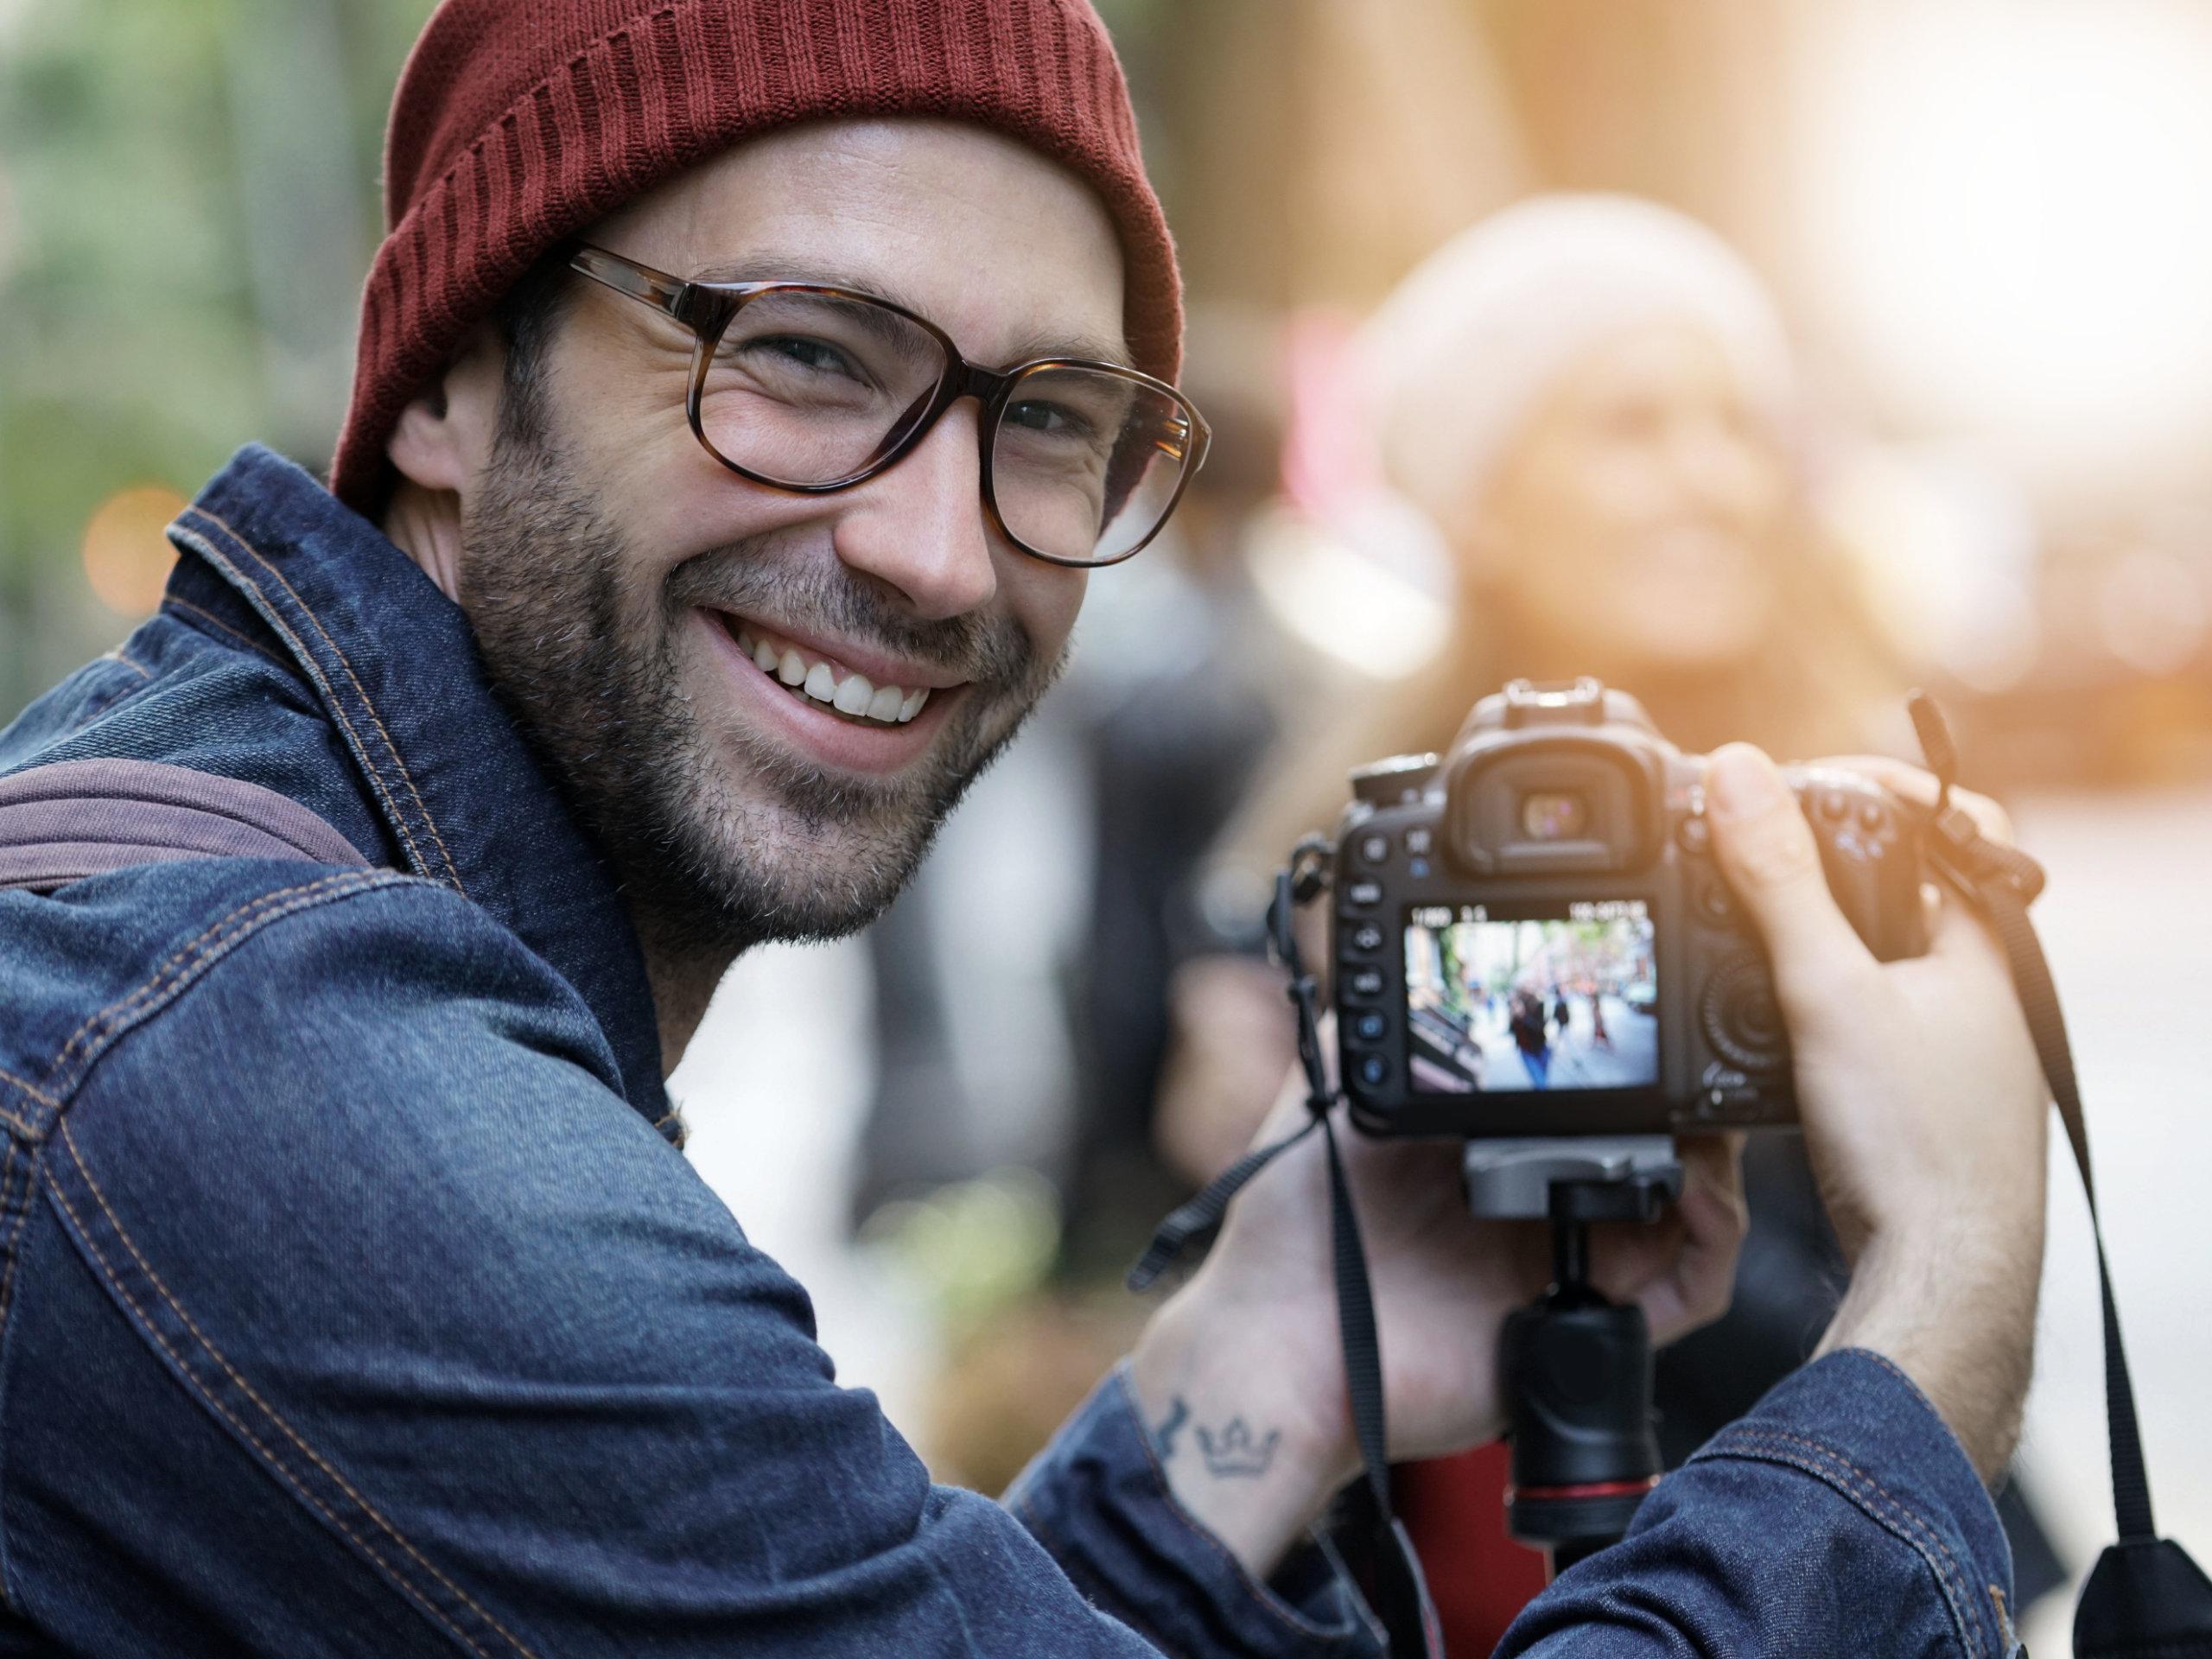 Ein Fotograf schaut in die Kamera